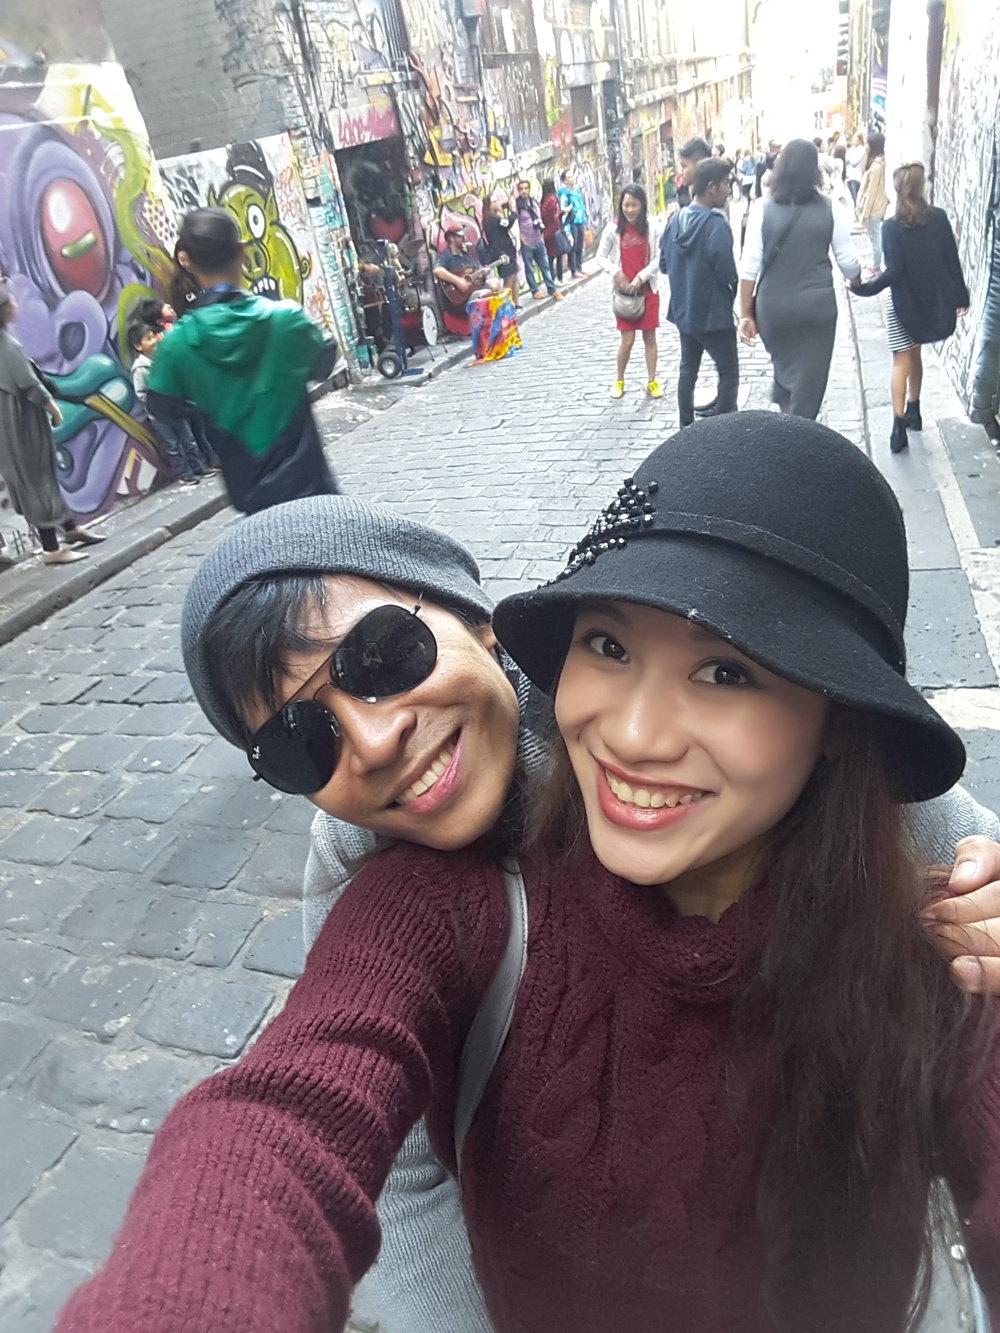 Abigail Oliveiro takes boyfriend Mark Sumaylo on a tour of Melbourne CBD's mural-filled laneways.